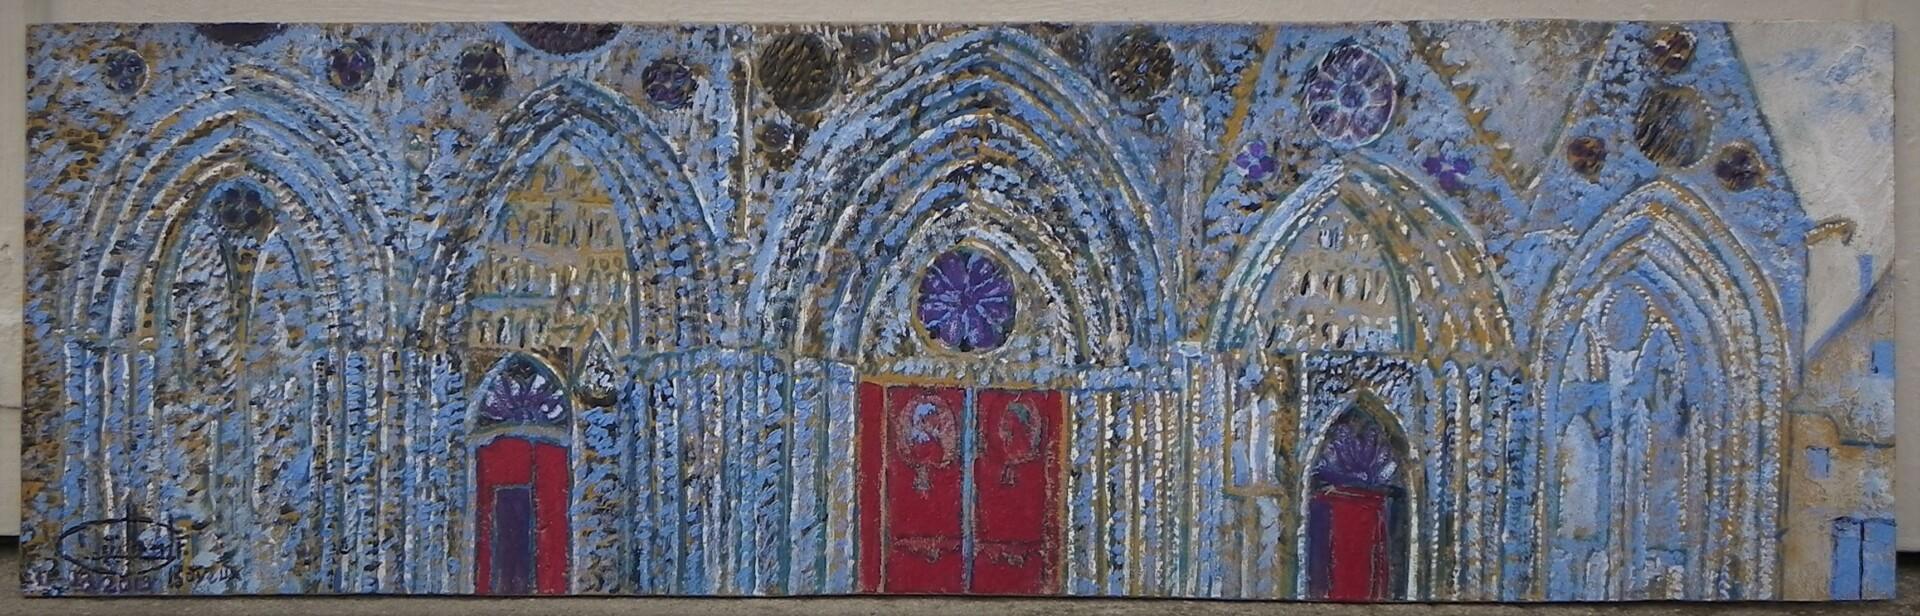 Portails de la Cathédrale de Bayeux